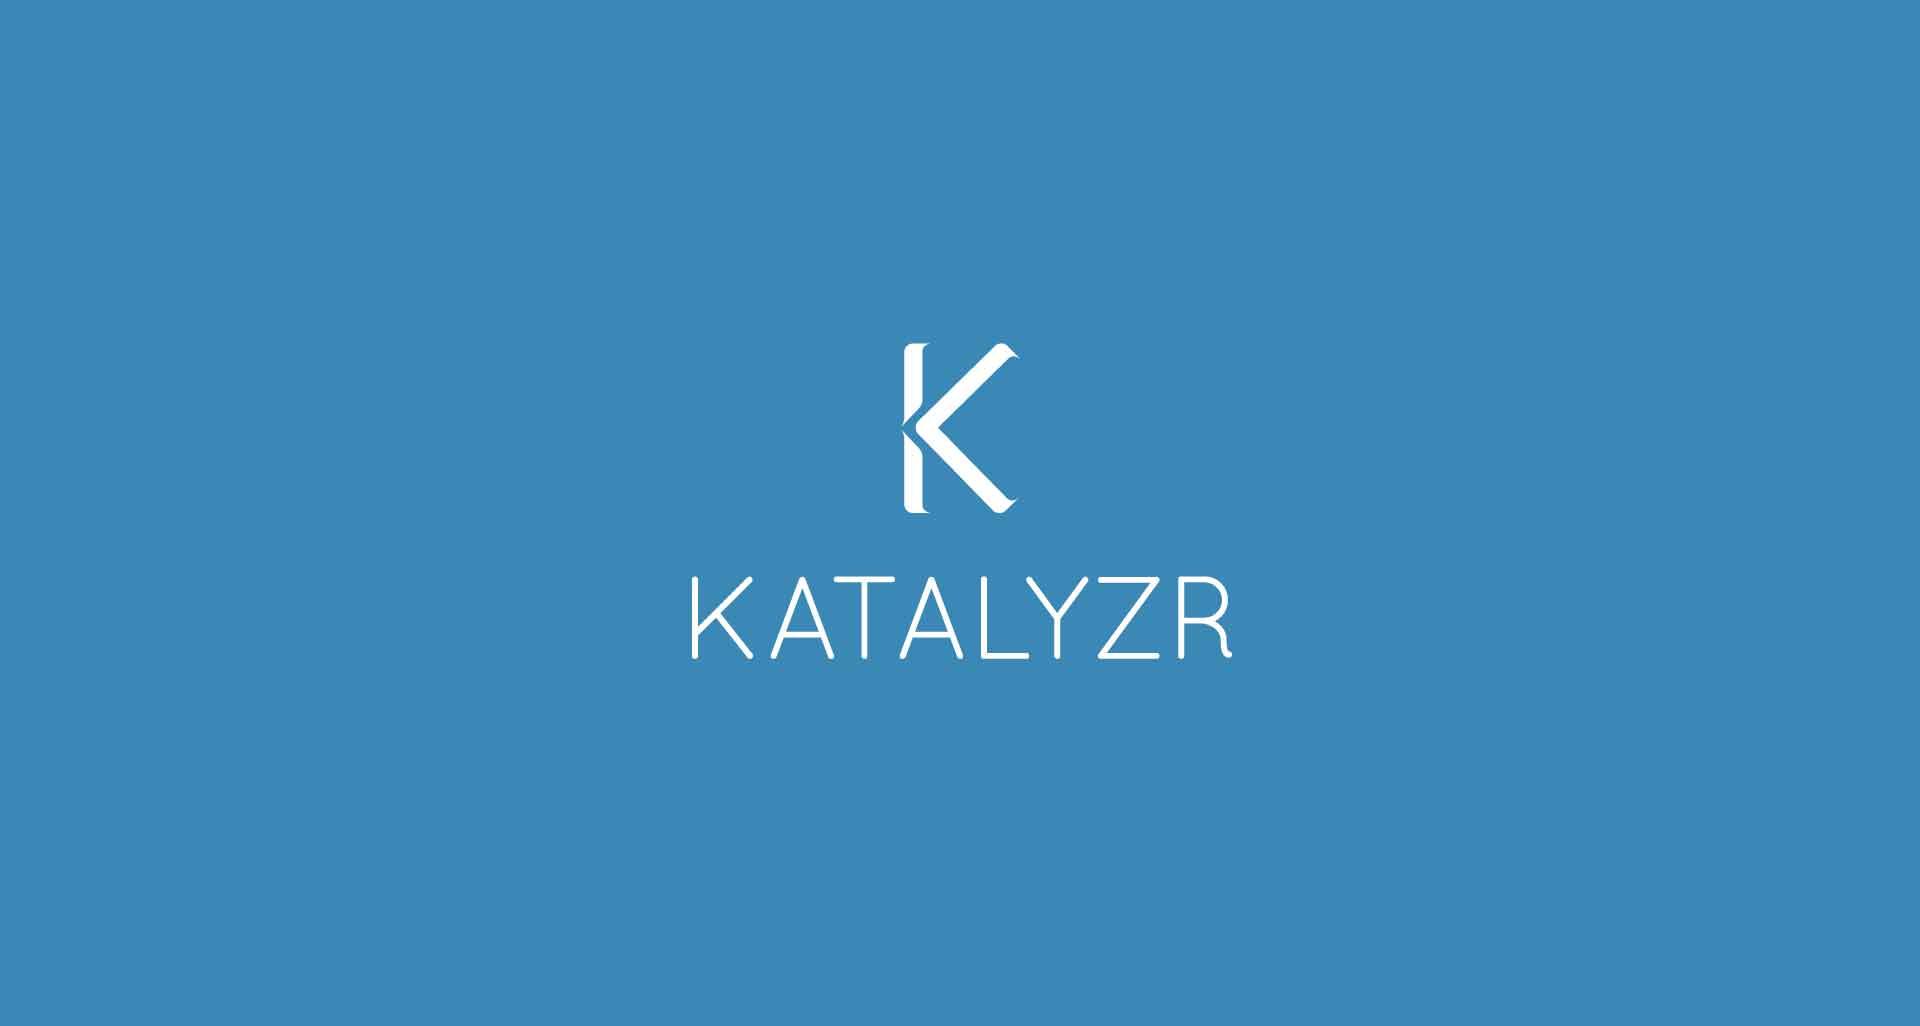 Refonte de l'identité graphique pour Katalyzr par l'agence Cassian